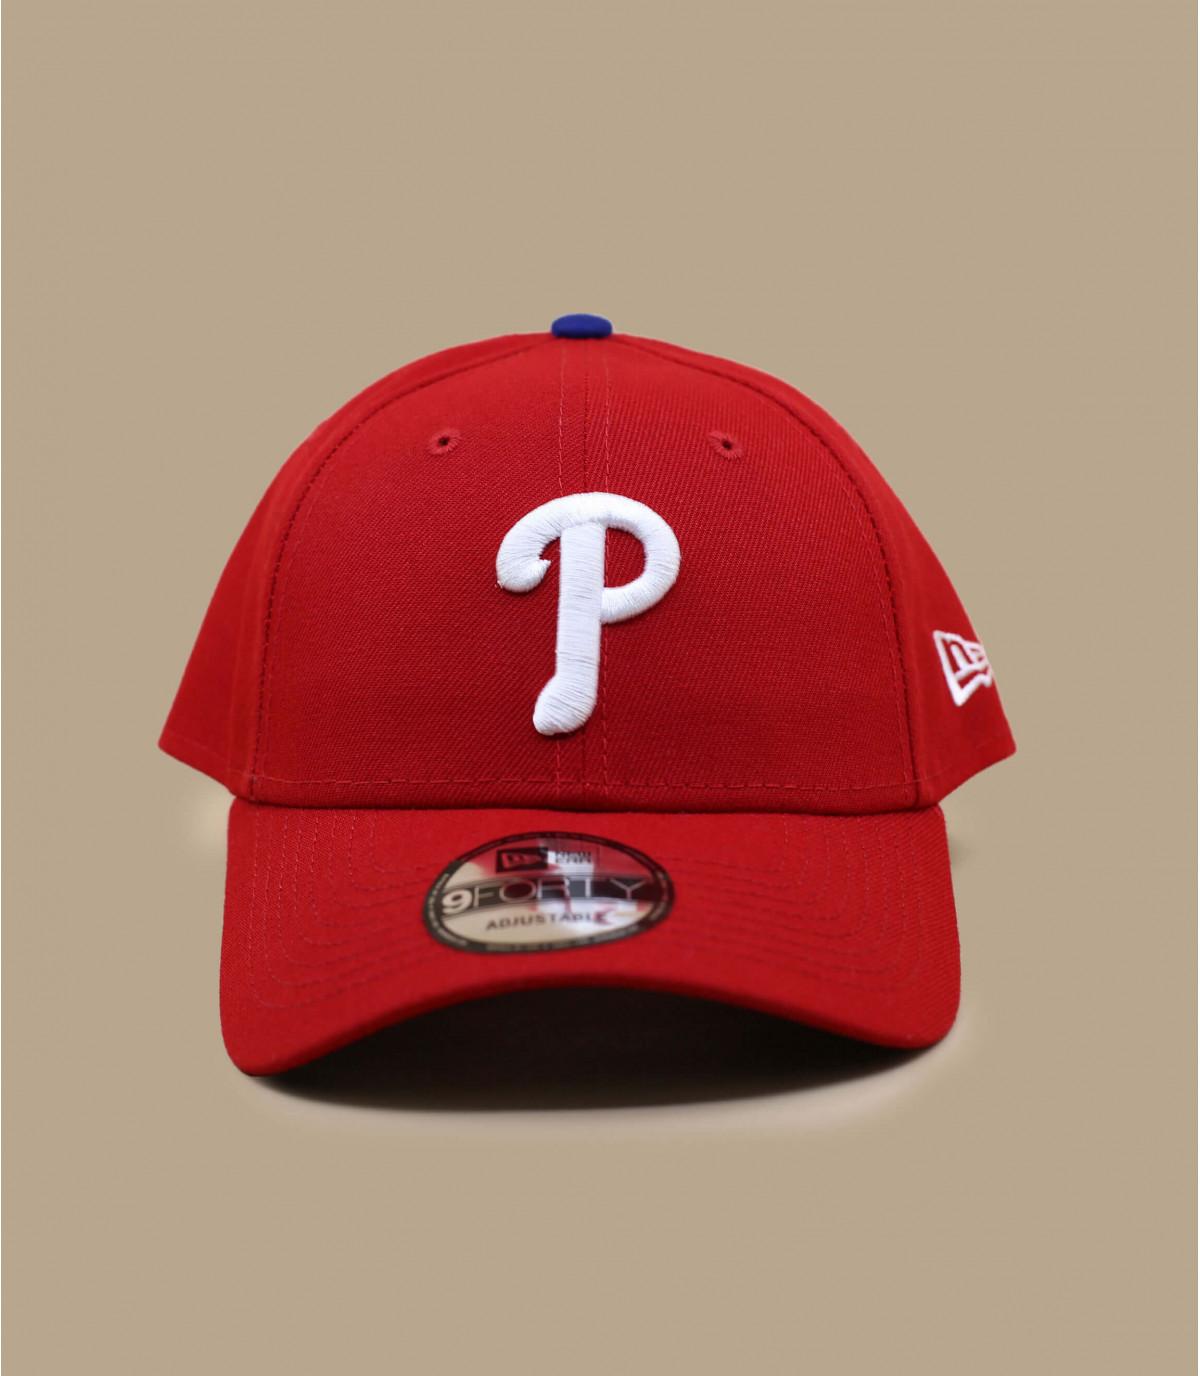 casquette P rouge